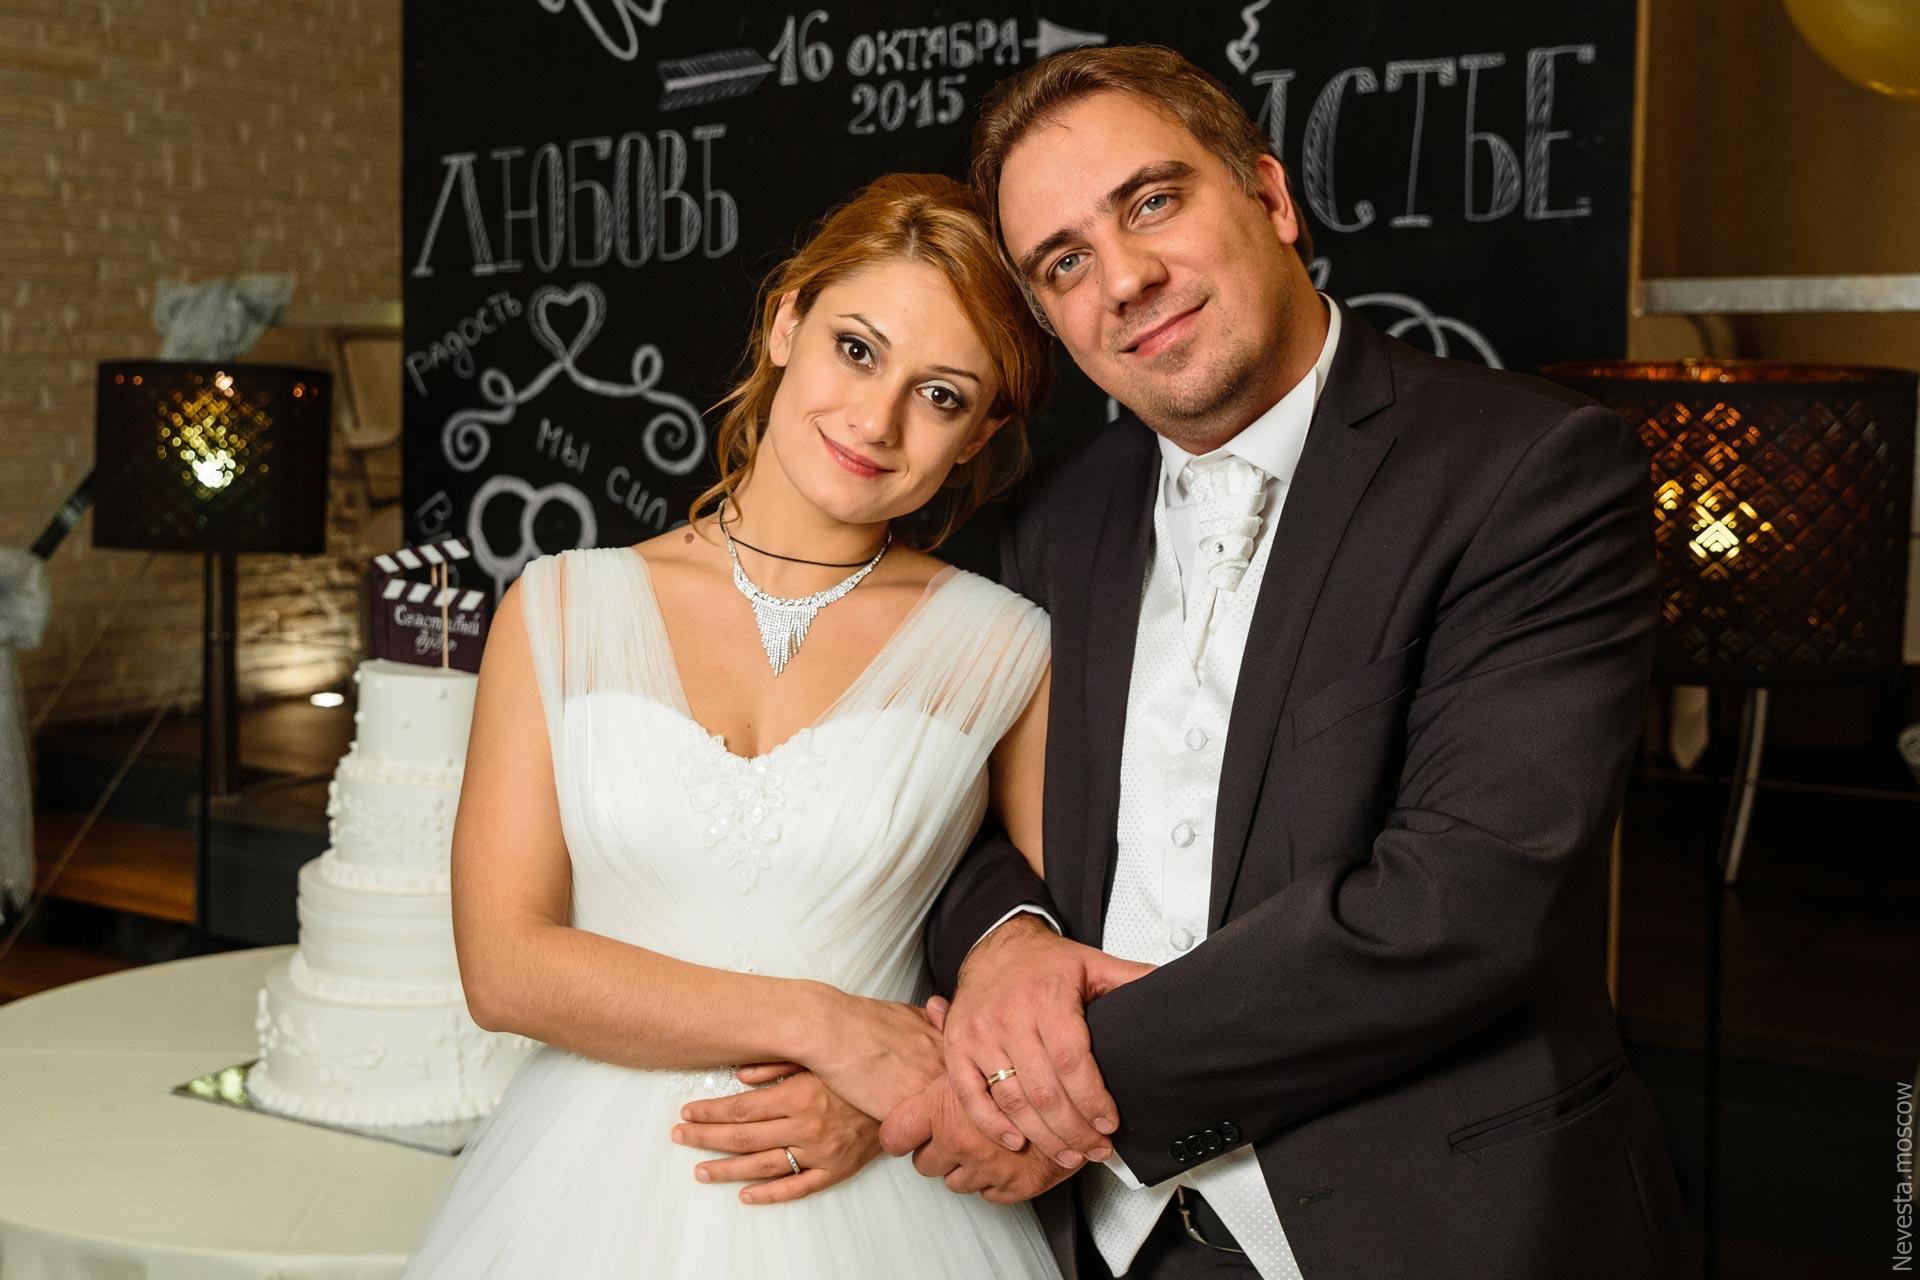 Иван Коробов муж Карины Мишулиной